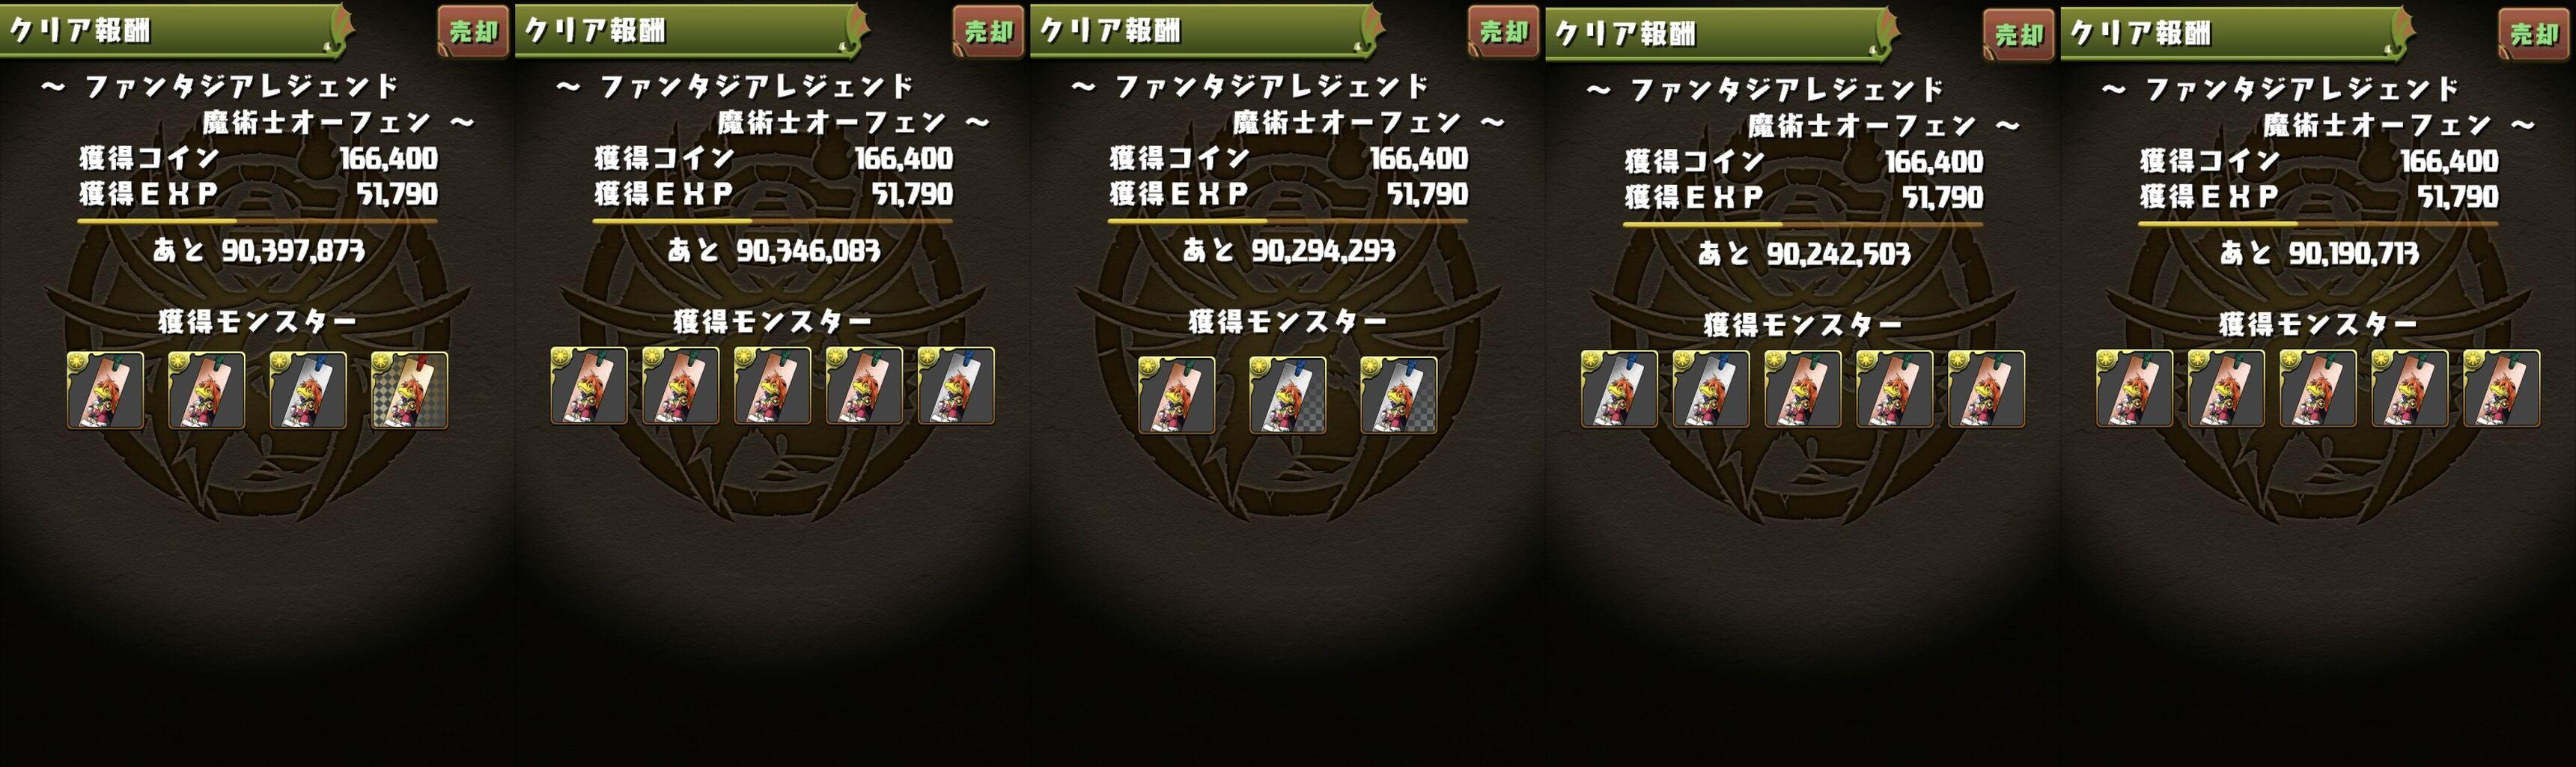 上げ 富士見 スキル